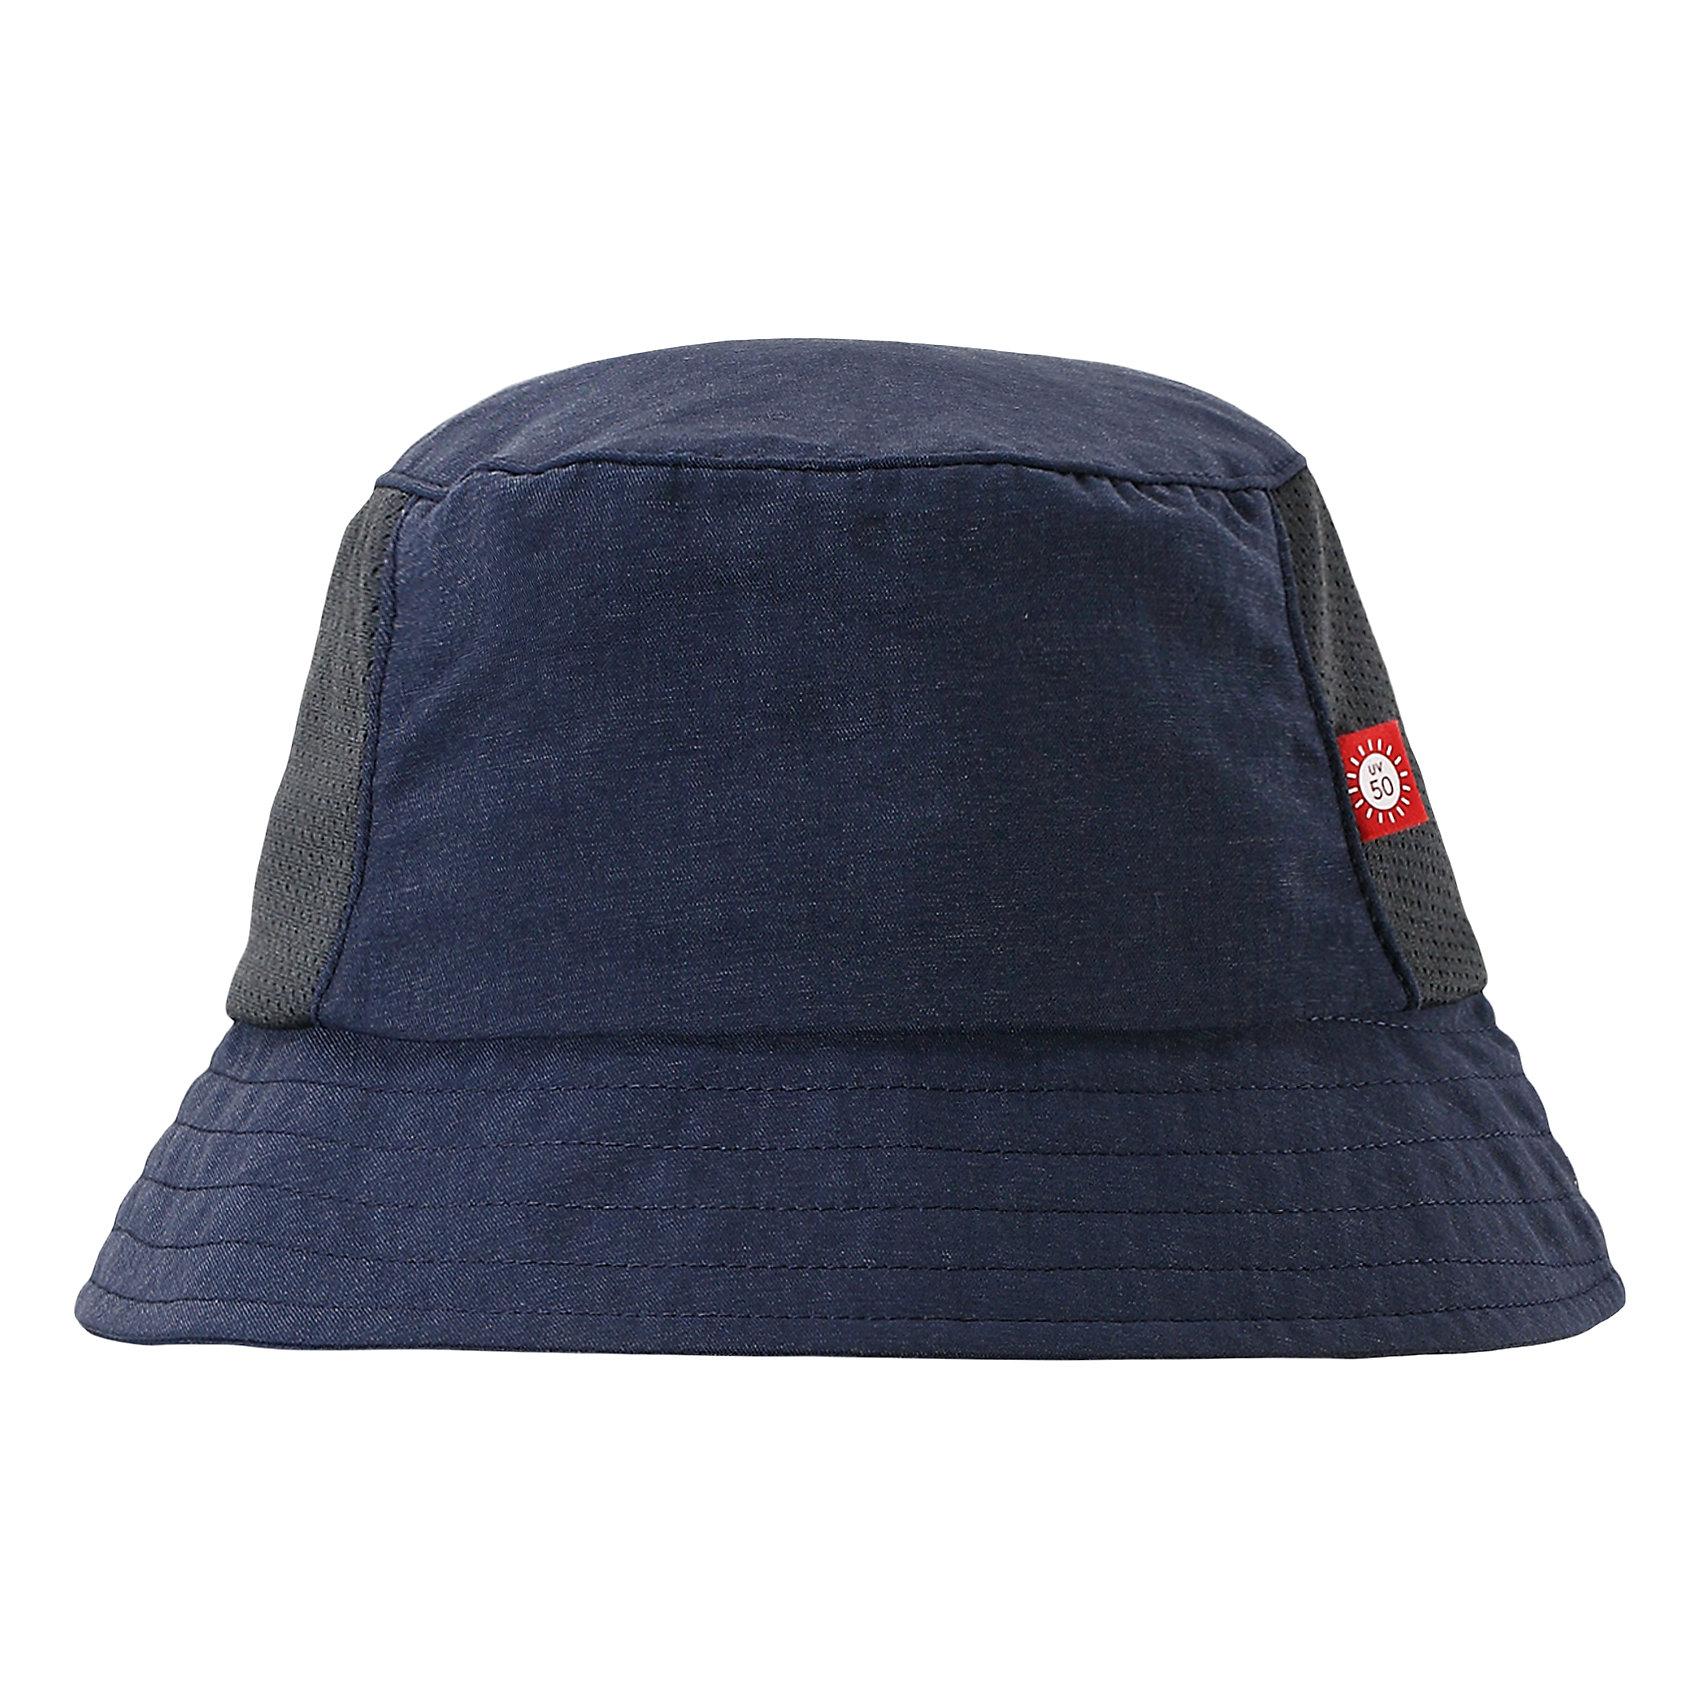 Панама Vimpa для мальчика ReimaШапки и шарфы<br>Характеристики товара:<br><br>• цвет: синий<br>• состав: 92% полиамид, 8% полиэстер<br>• фактор защиты от ультрафиолета: 50+<br>• дышащий материал с охлаждающим эффектом<br>• стильный защитный козырёк<br>• защищает от солнца<br>• облегчённая модель без подкладки<br>• эмблема Reima сбоку<br>• страна бренда: Финляндия<br>• страна производства: Китай<br><br>Детский головной убор может быть модным и удобным одновременно! Стильная панама поможет обеспечить ребенку комфорт и дополнить наряд. Панама удобно сидит и аккуратно выглядит. Проста в уходе, долго служит. Стильный дизайн разрабатывался специально для детей. Отличная защита от солнца!<br><br>Уход:<br><br>• стирать с бельем одинакового цвета<br>• стирать моющим средством, не содержащим отбеливающие вещества<br>• полоскать без специального средства<br>• во избежание изменения цвета изделие необходимо вынуть из стиральной машинки незамедлительно после окончания программы стирки<br>• сушить при низкой температуре.<br><br>Панаму для мальчика от финского бренда Reima (Рейма) можно купить в нашем интернет-магазине.<br><br>Ширина мм: 89<br>Глубина мм: 117<br>Высота мм: 44<br>Вес г: 155<br>Цвет: синий<br>Возраст от месяцев: 9<br>Возраст до месяцев: 18<br>Пол: Мужской<br>Возраст: Детский<br>Размер: 48,56,50,52,54<br>SKU: 5267736